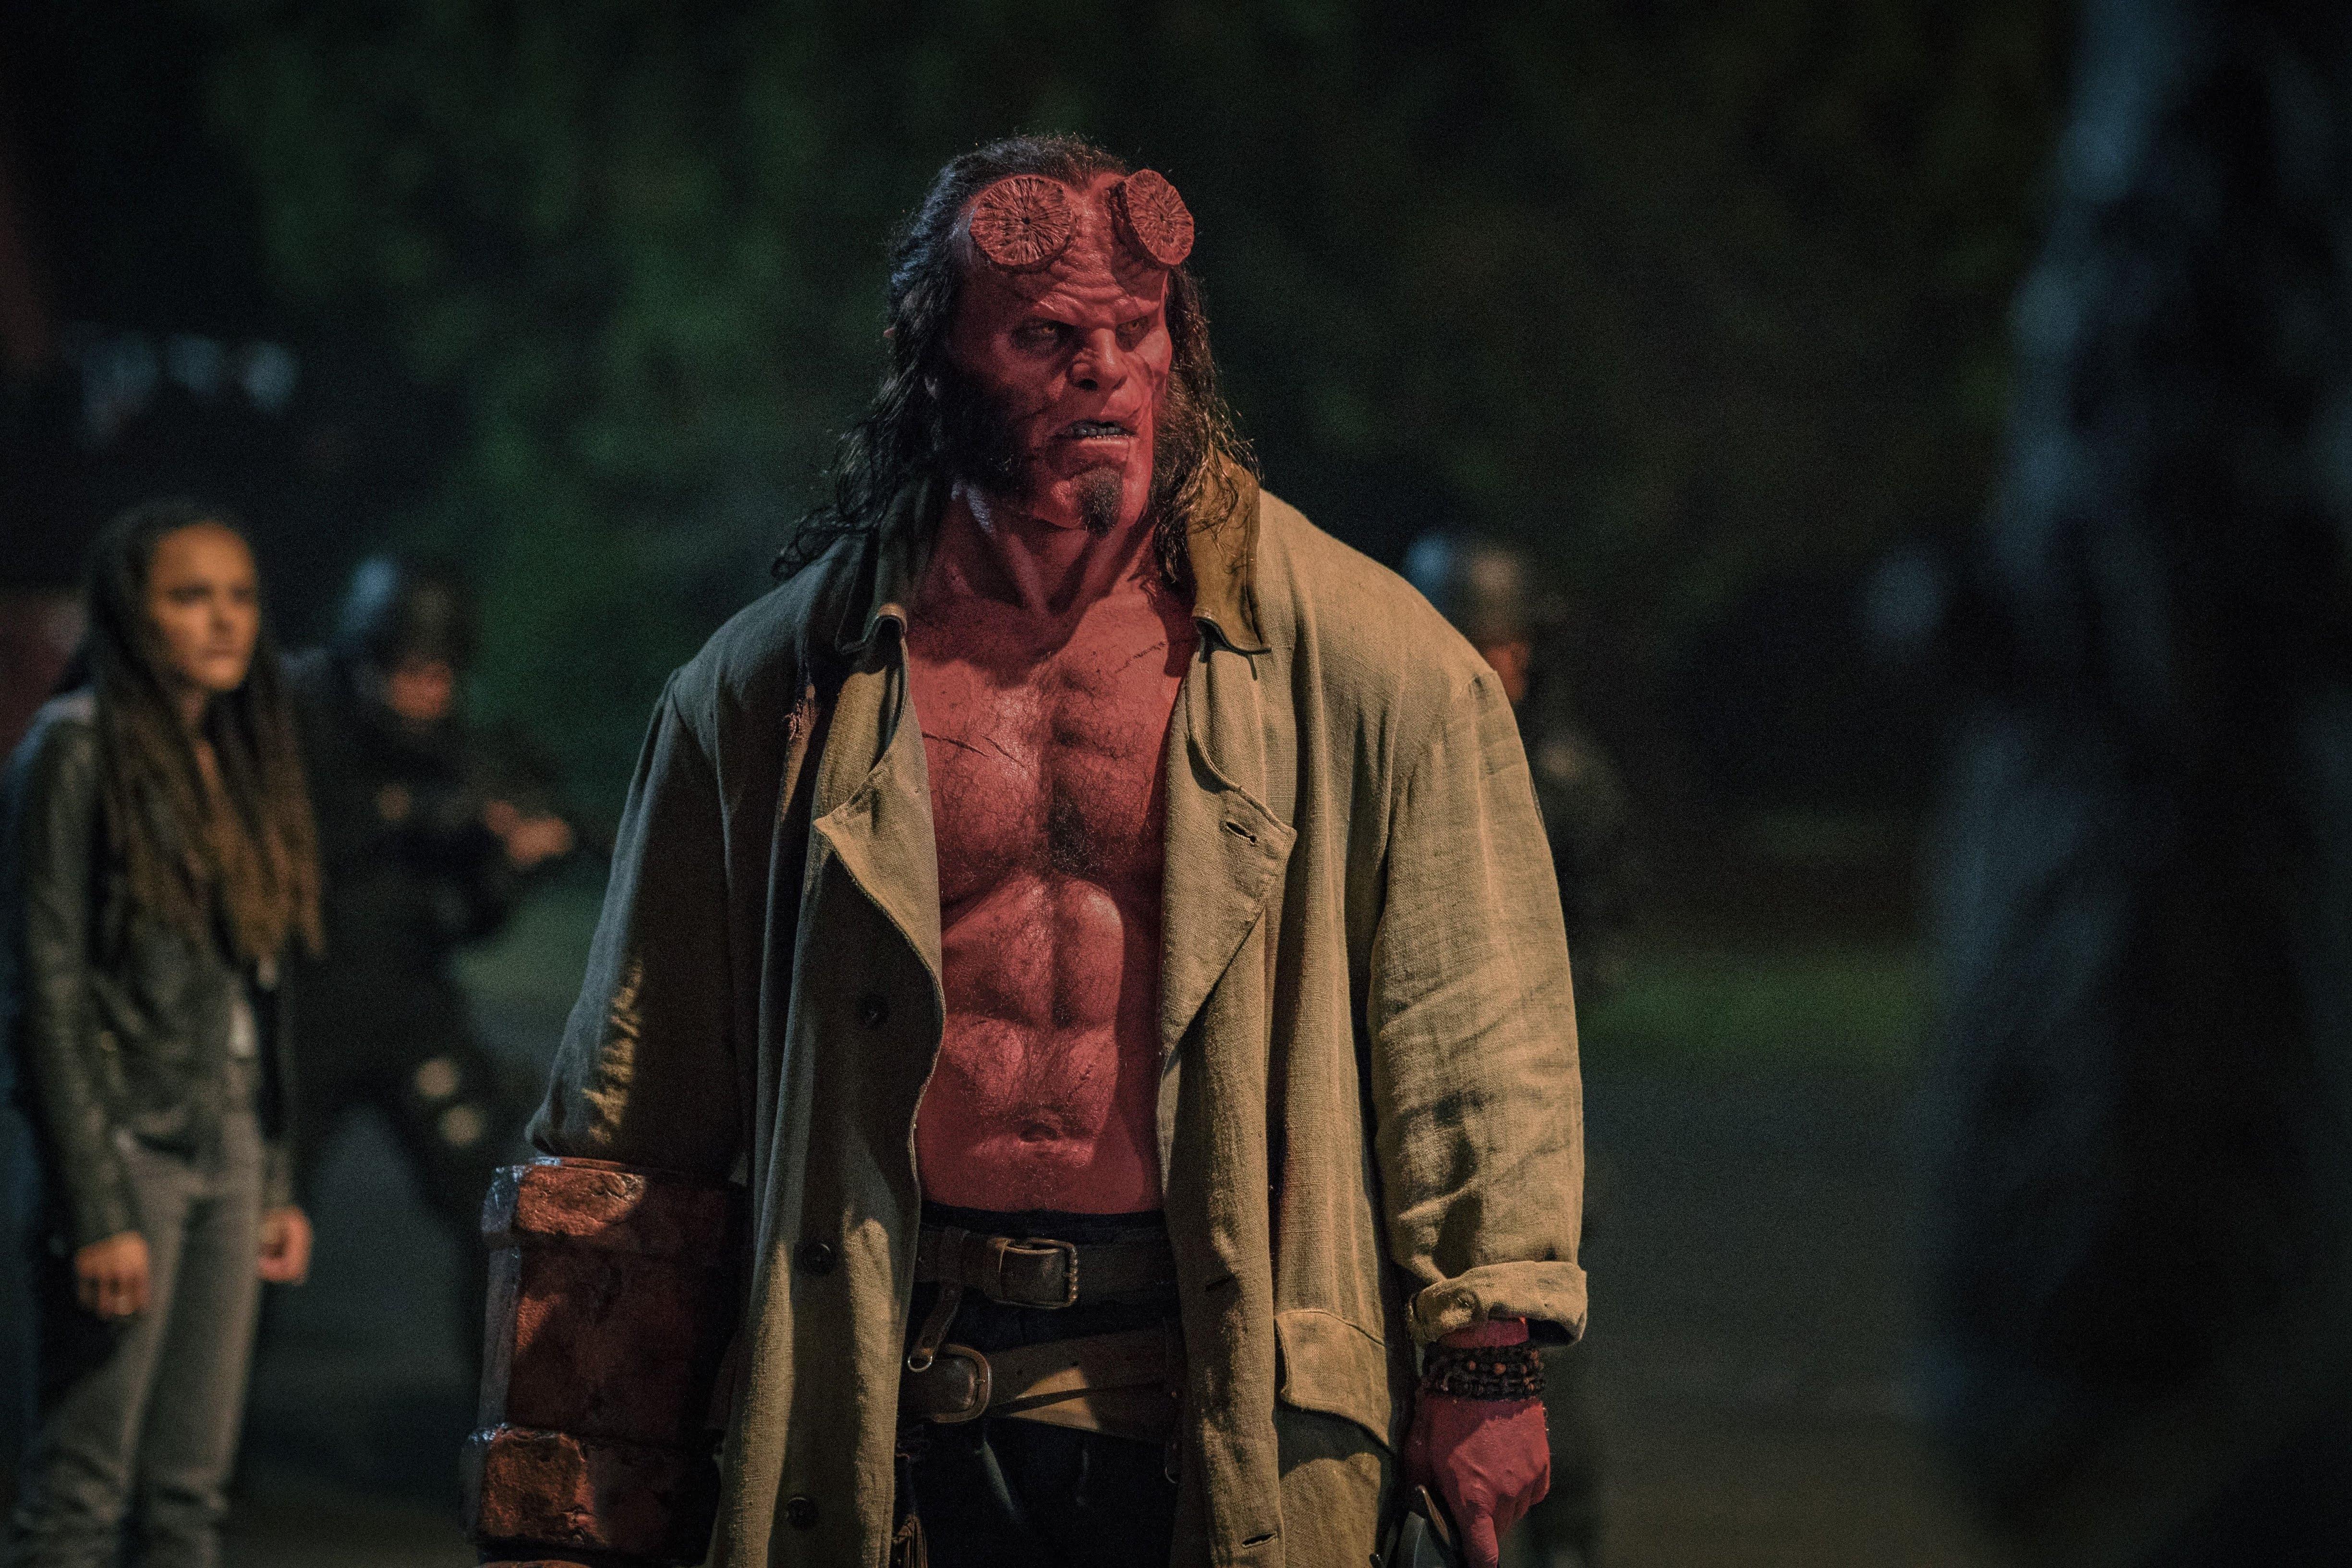 Hellboy : 赤い悪魔のアンチ・ヒーローが帰って来る「ヘルボーイ」が、過激な見せどころを満載した新しい予告編をリリース ! !